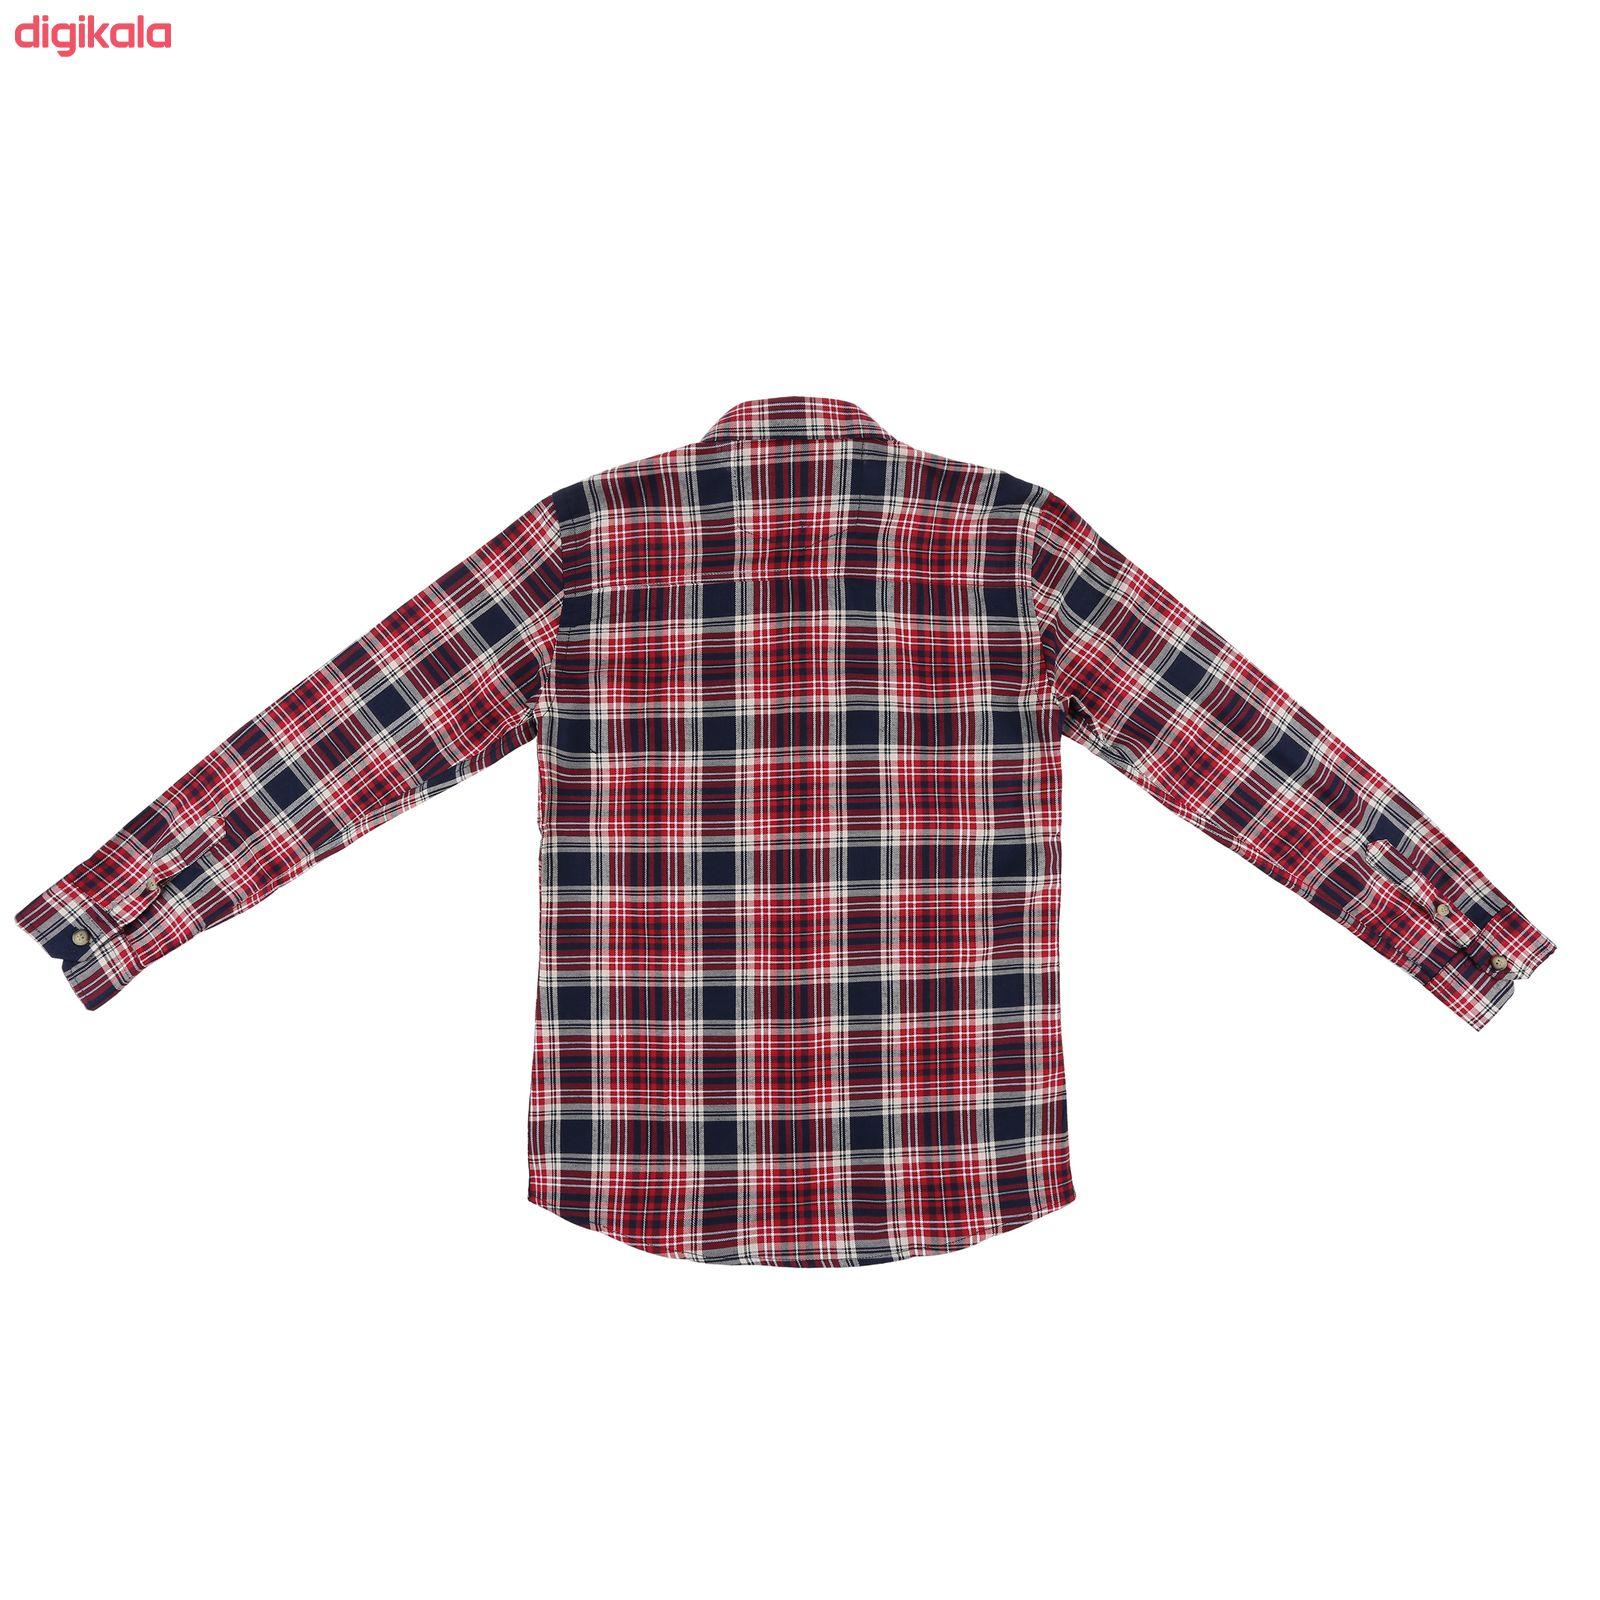 پیراهن پسرانه ناوالس کد R-20119-RD main 1 2